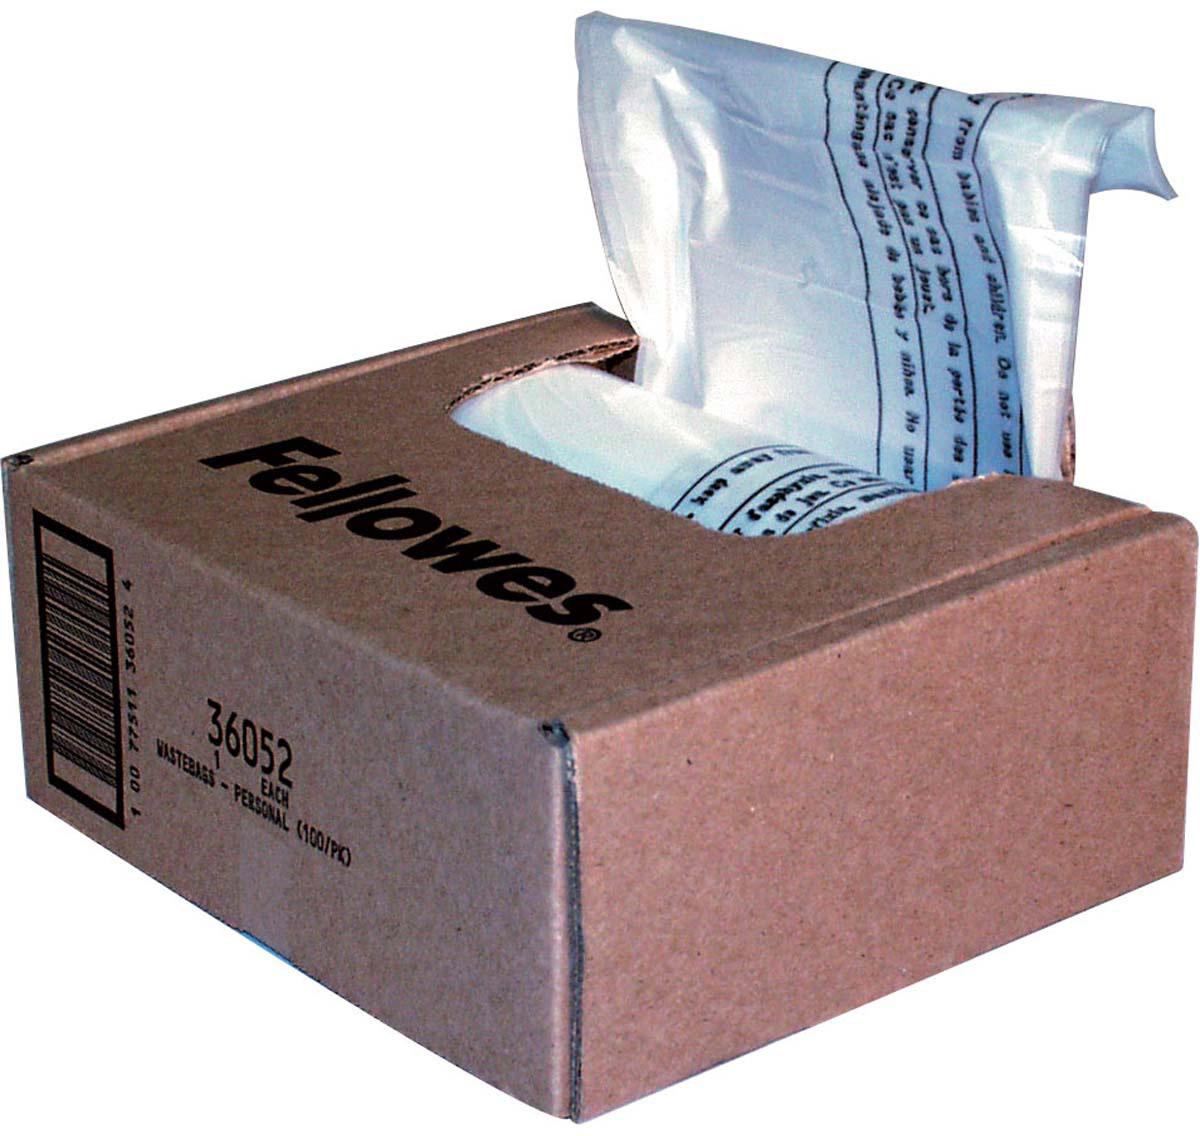 Fellowes мешки для уничтожителей, 23-28 литров (100 шт) -  Корзины для бумаг